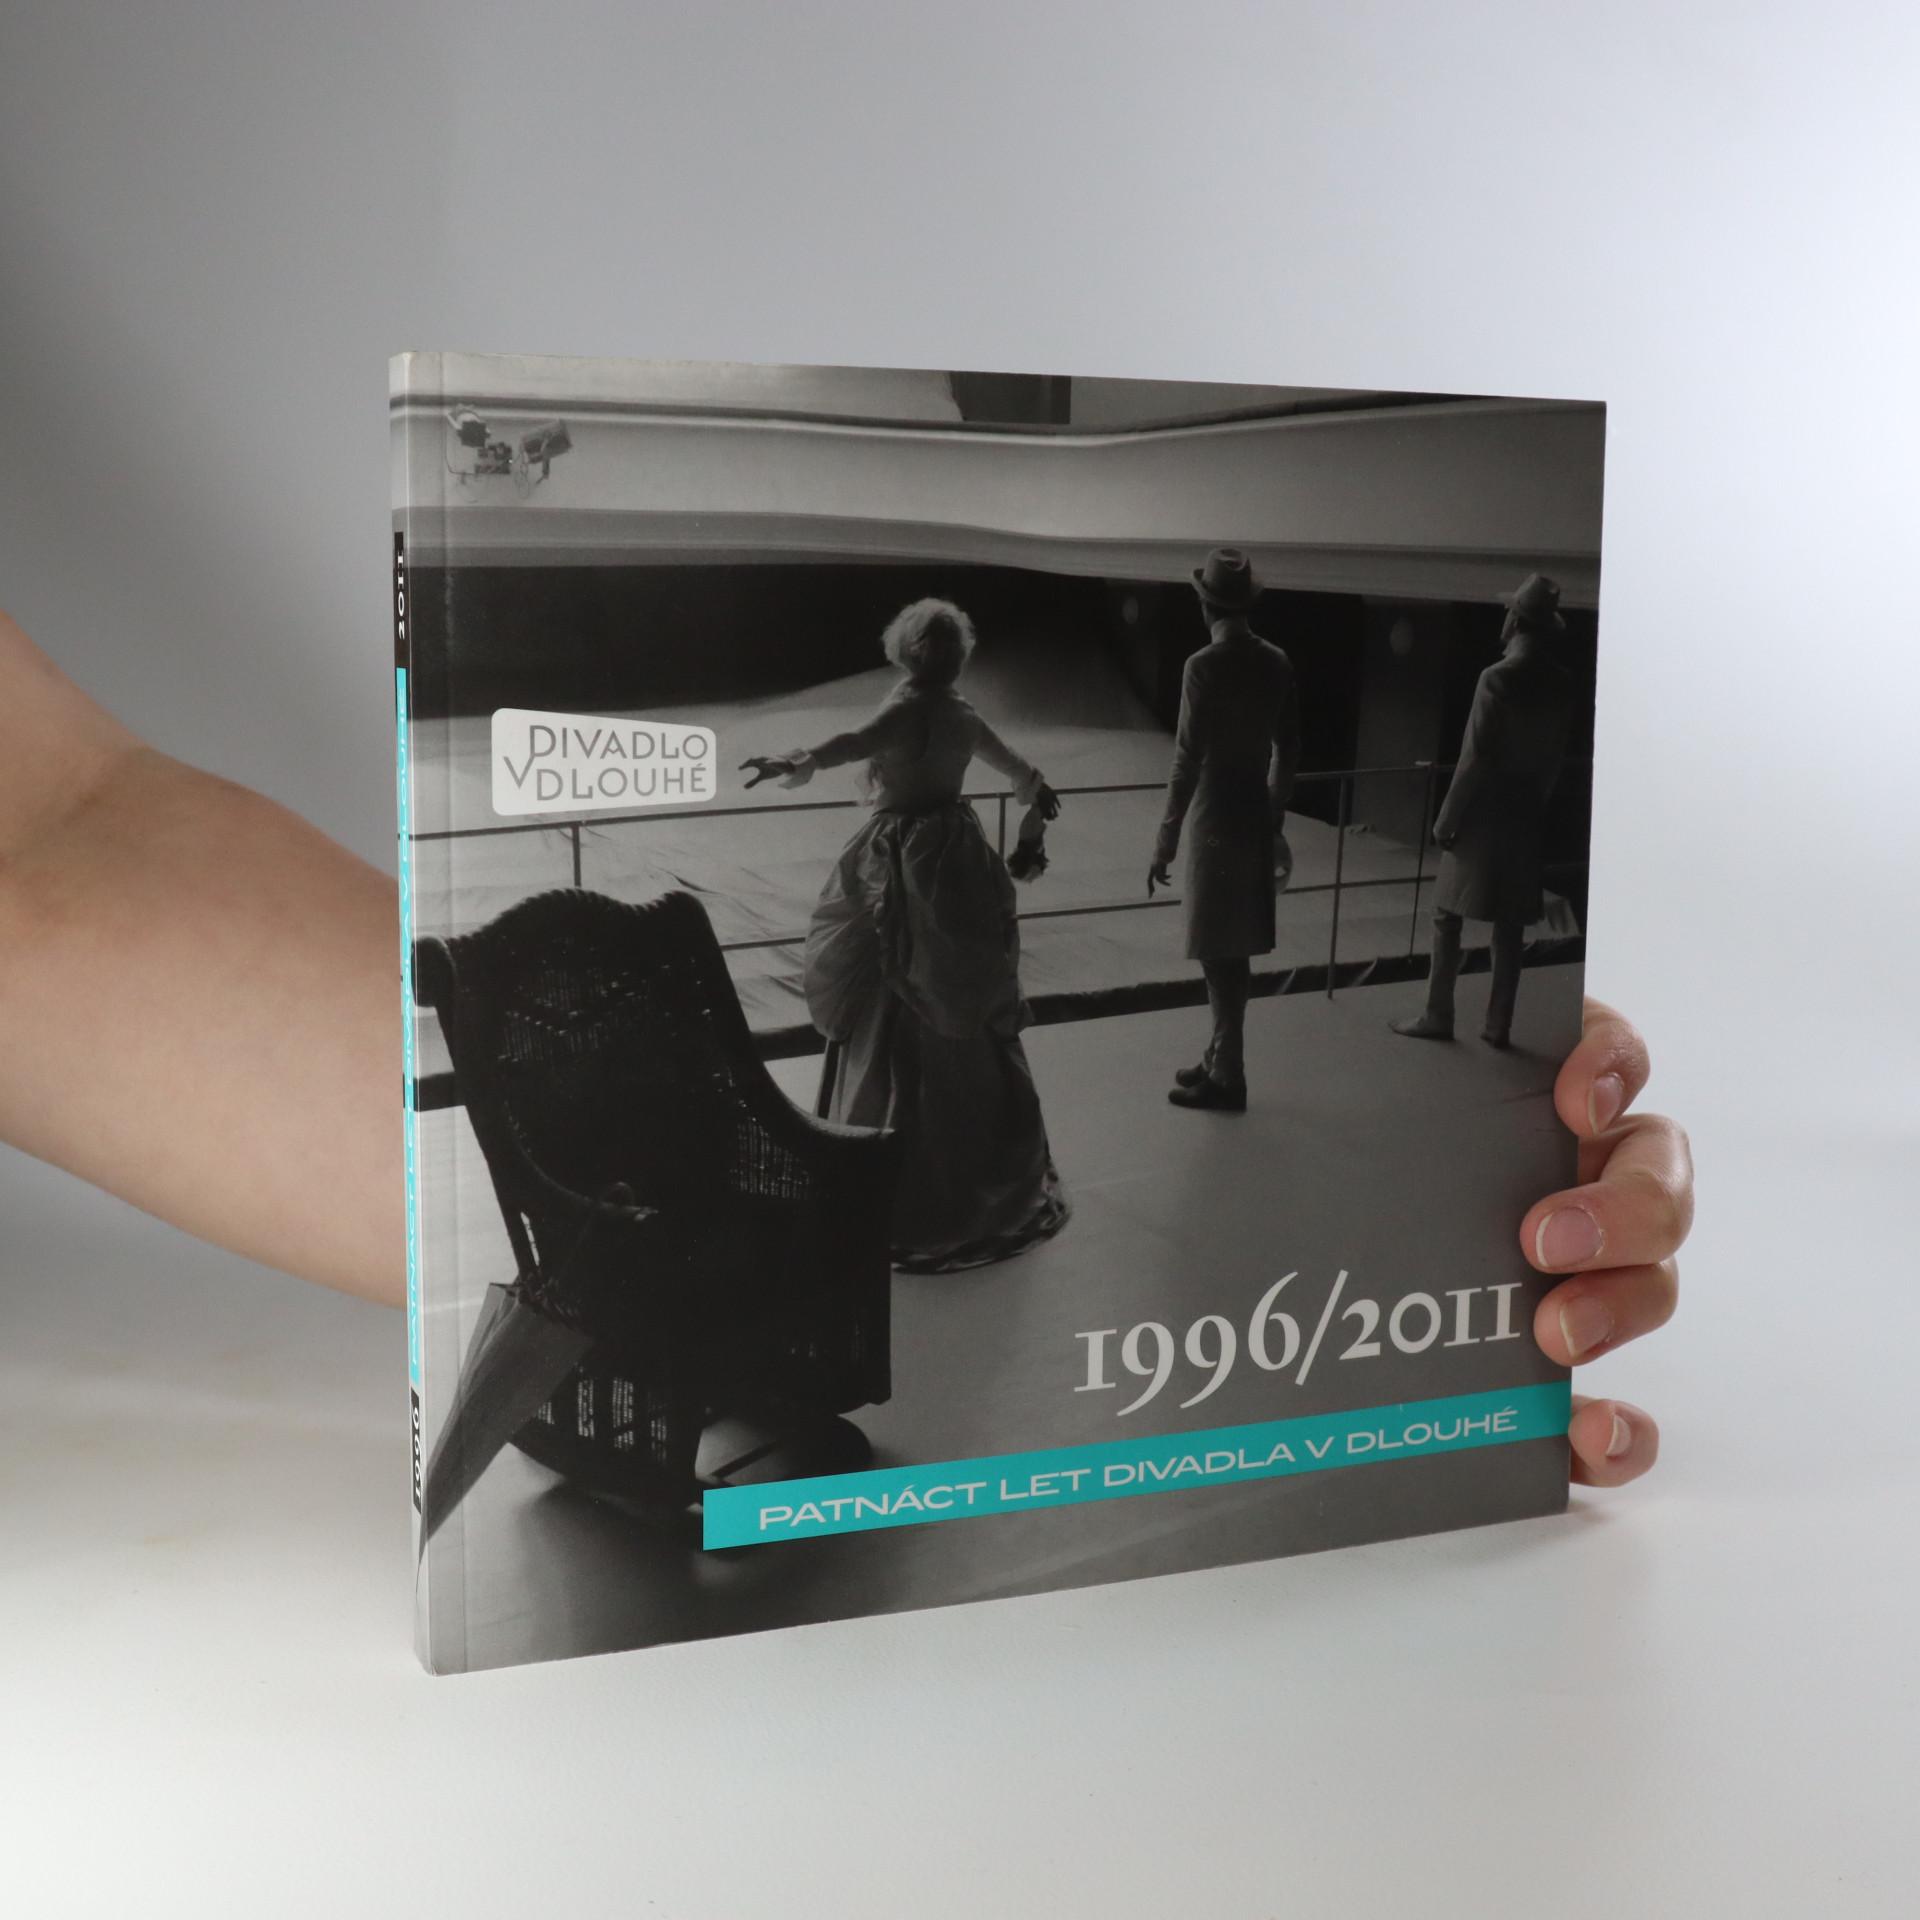 antikvární kniha Patnáct let Divadla v Dlouhé 1996-2011, 2011